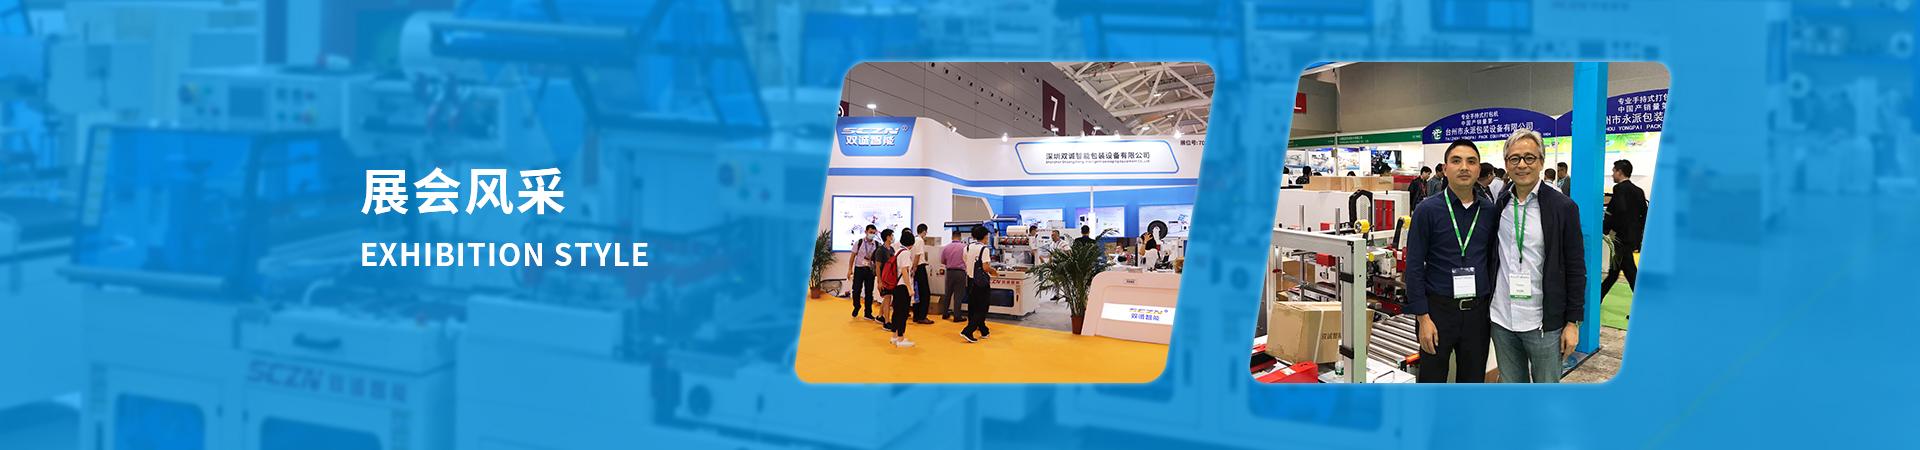 上海国际机械展